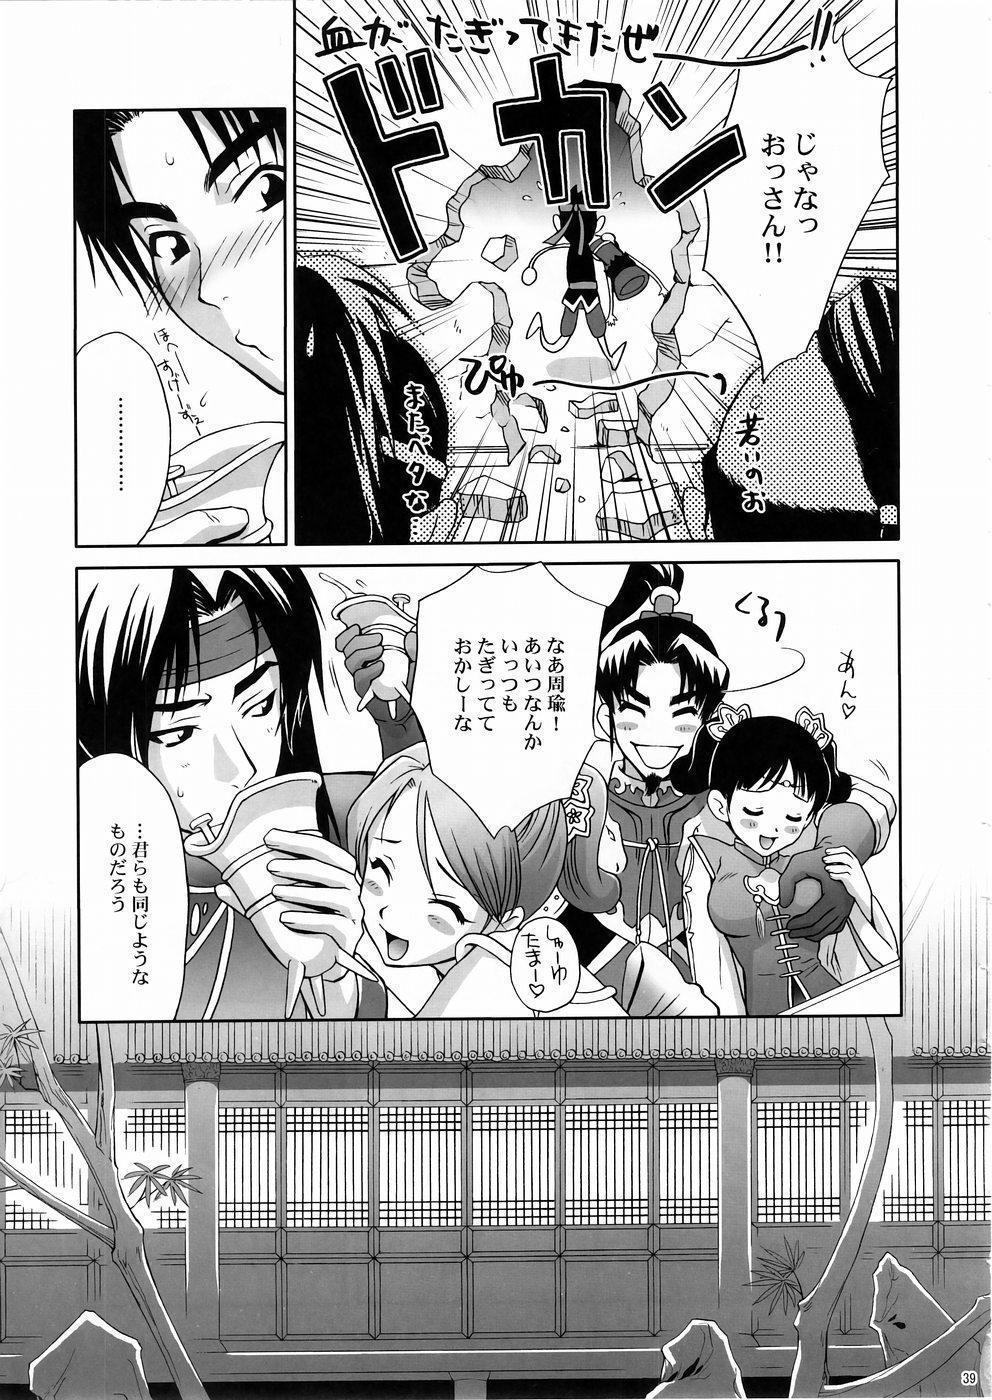 In Sangoku Musou 3 37